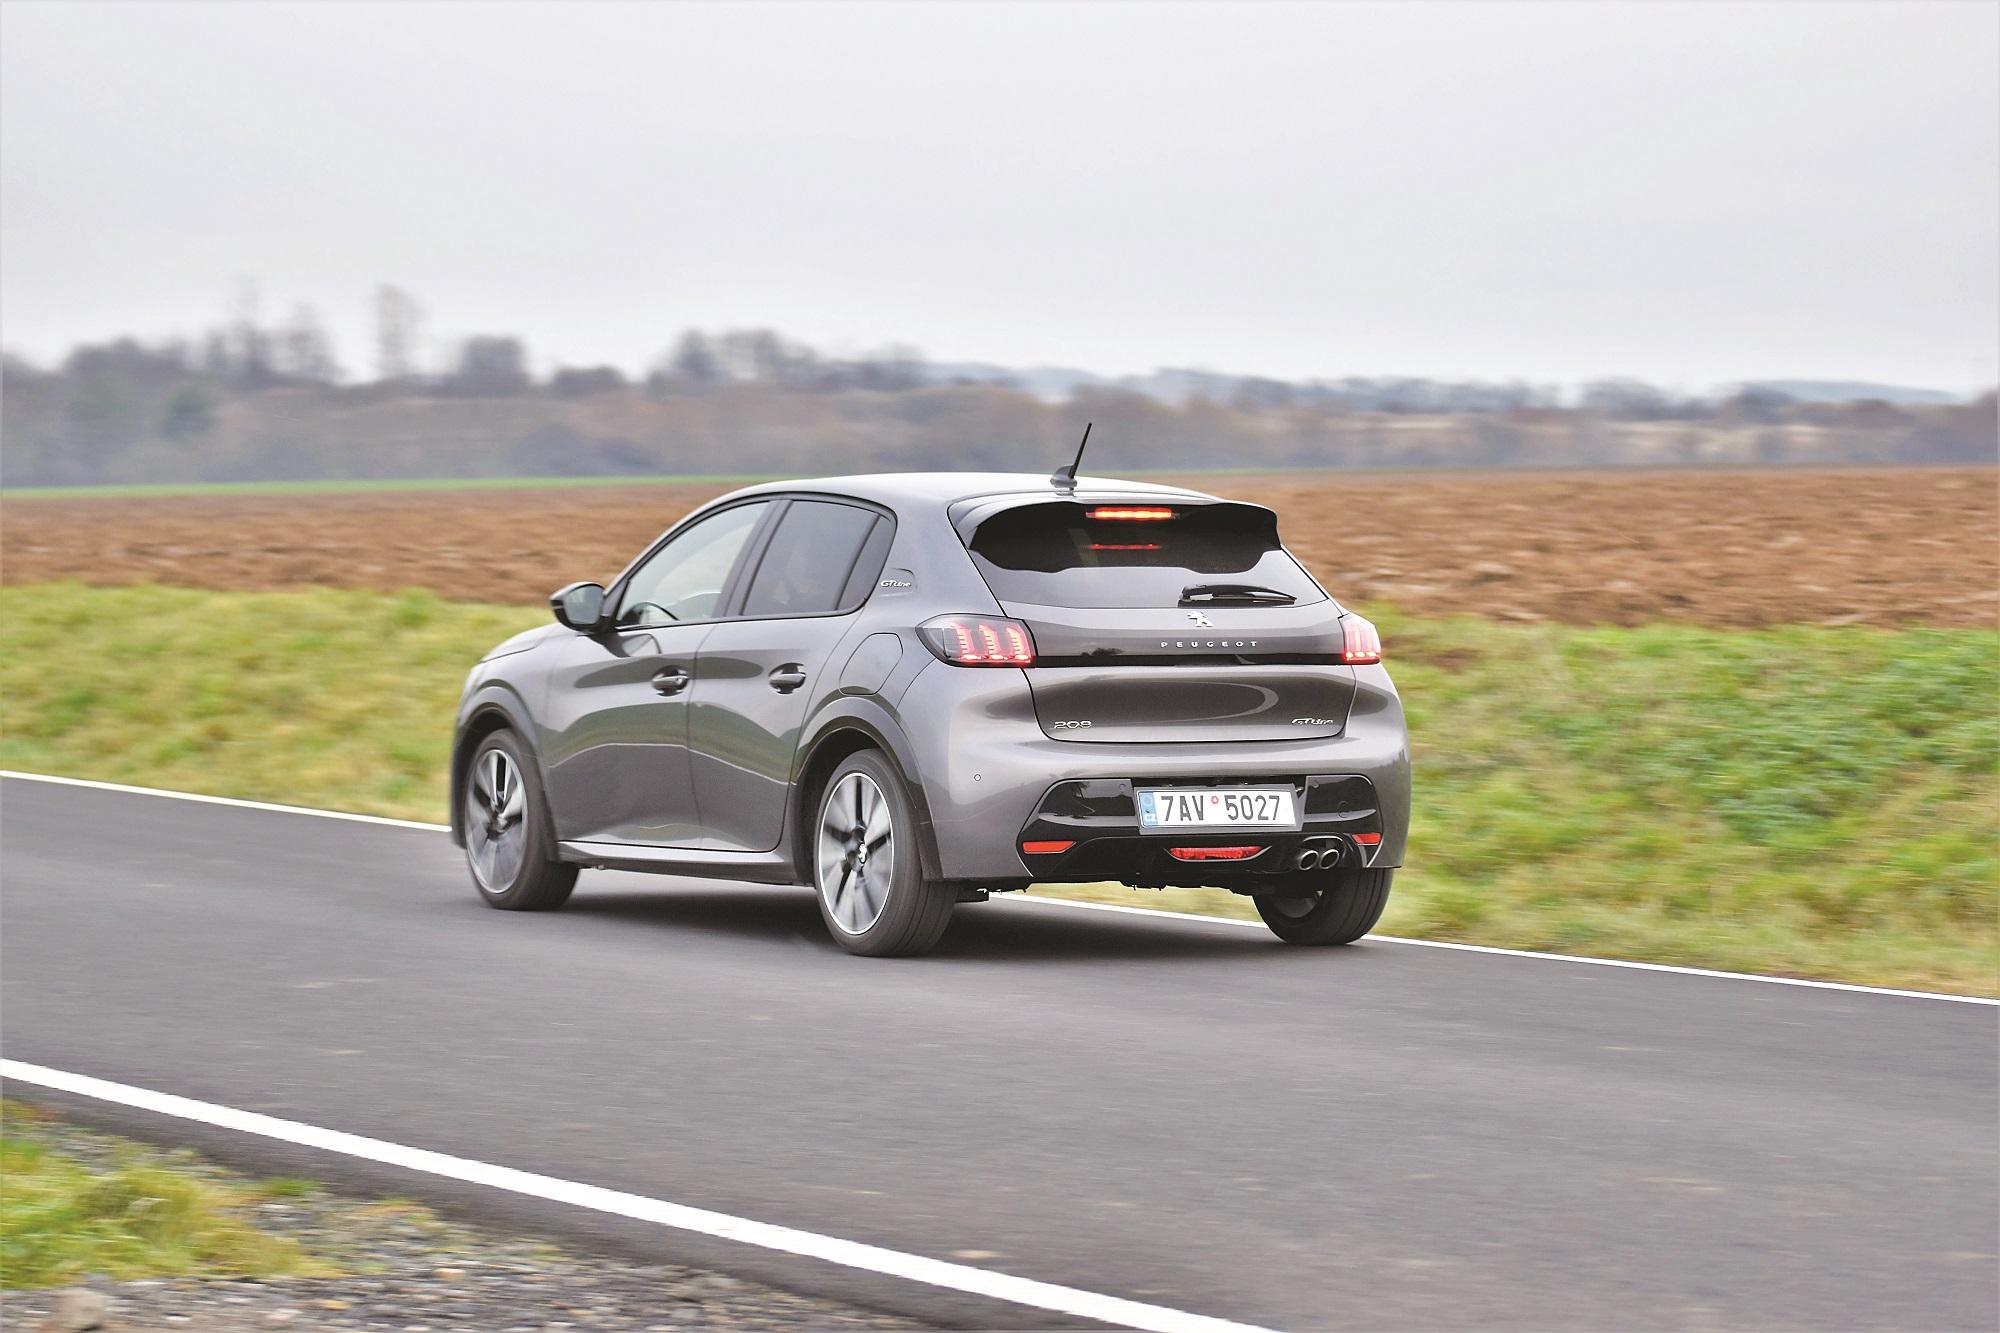 Ideálním motorem je středně výkonná verze 1.2 PureTech /74 kW. Stejně výkonný diesel je dražší o 40 000 Kč. Začne se vyplácet až po ujetí 108 000 km